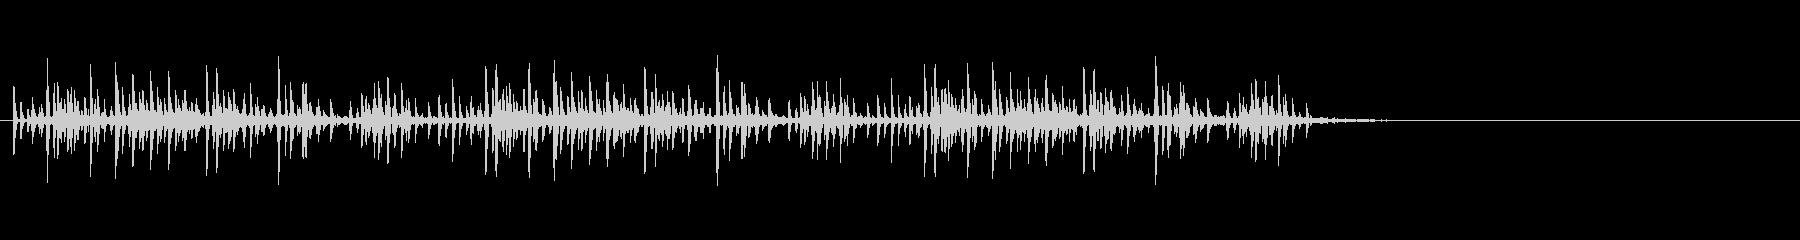 続く泡の弾ける音 ポコポコの未再生の波形